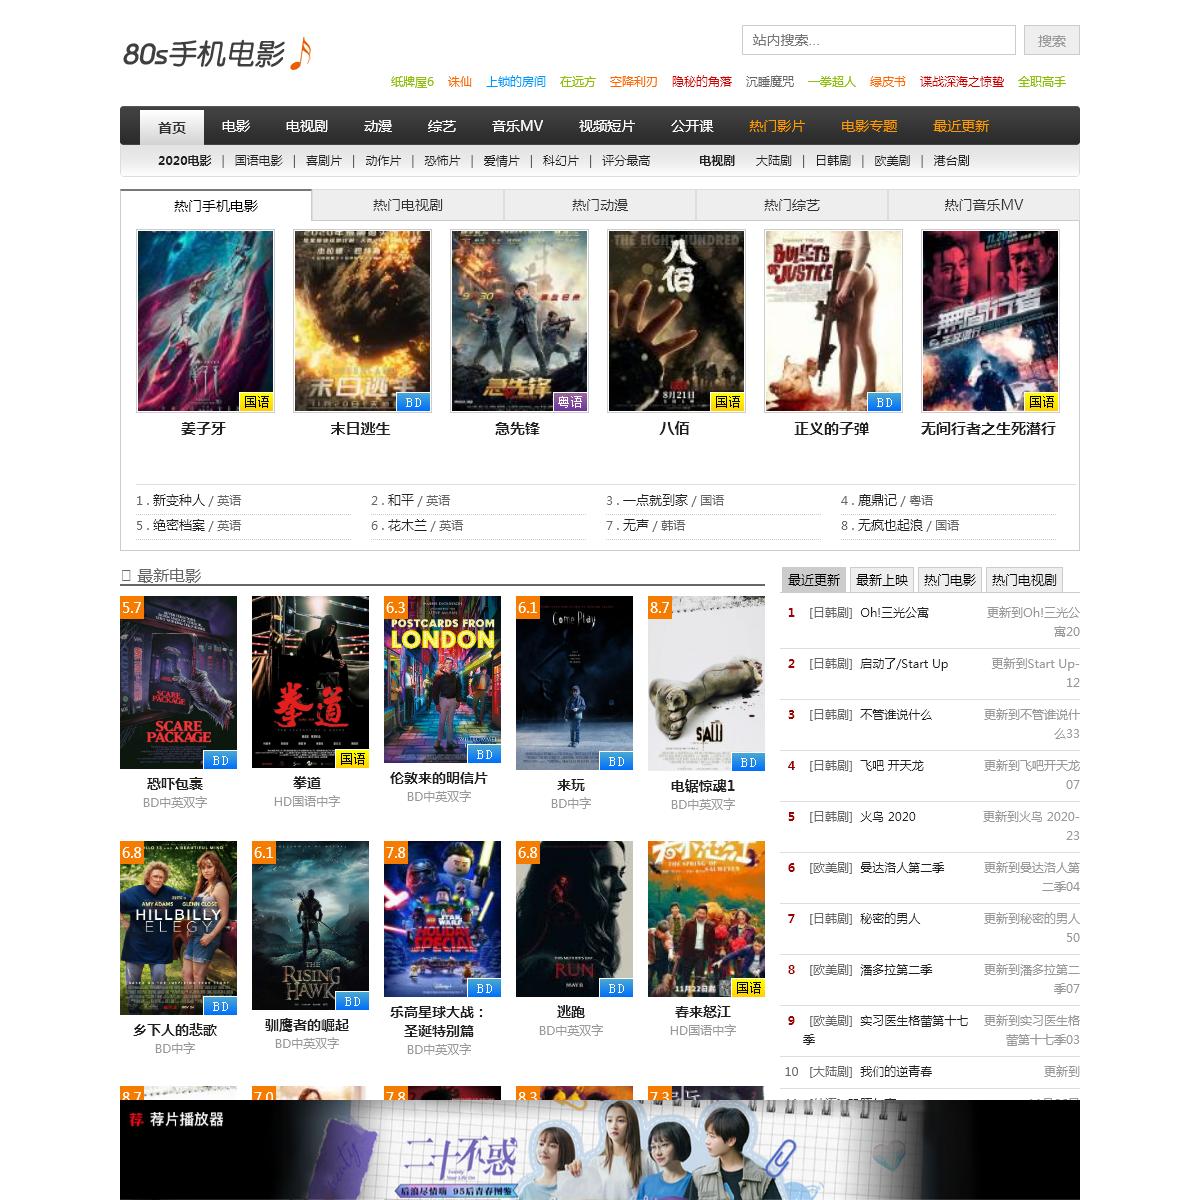 80s电影网 - 高清手机电影迅雷下载_最新MP4电视剧磁力下载